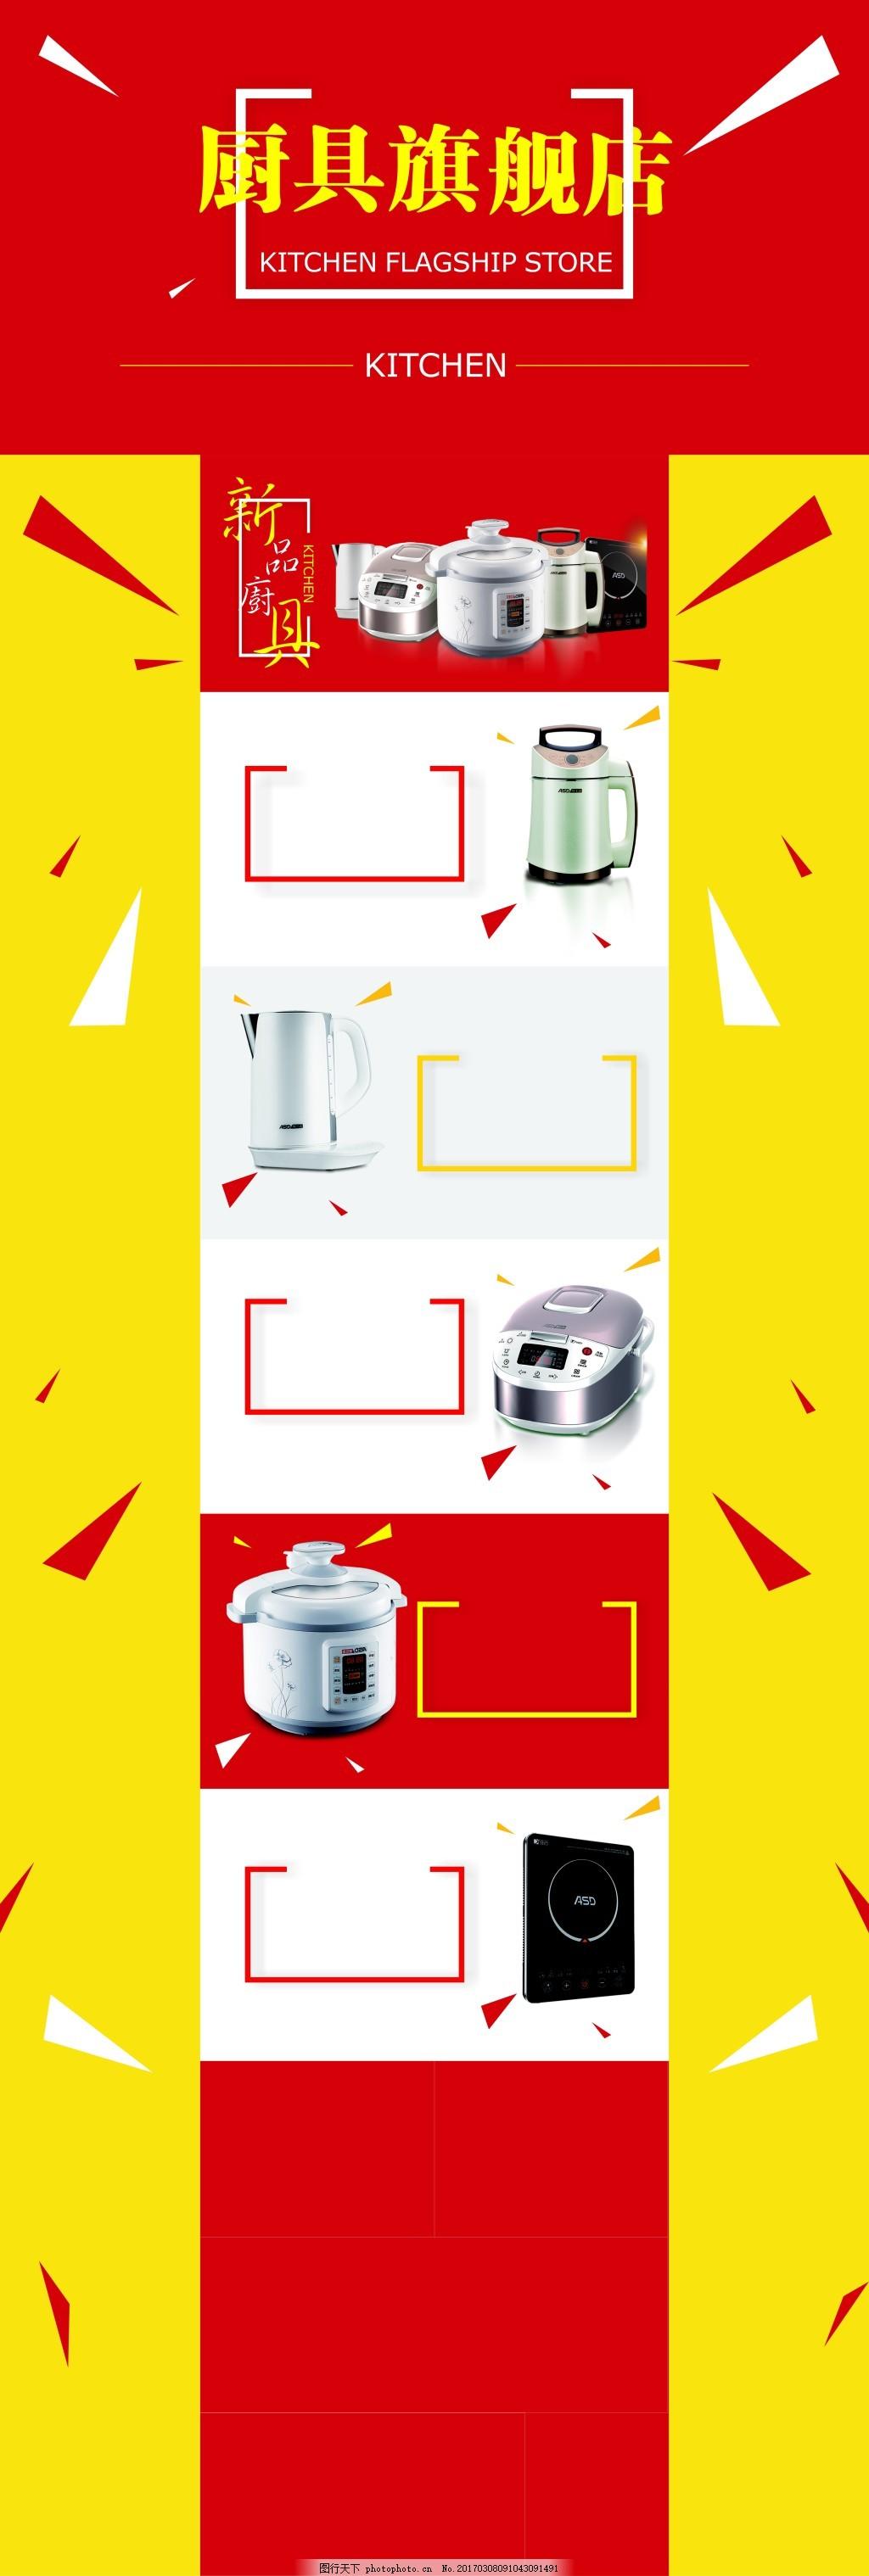 首页模板厨具素材 详情页素材 厨具模板